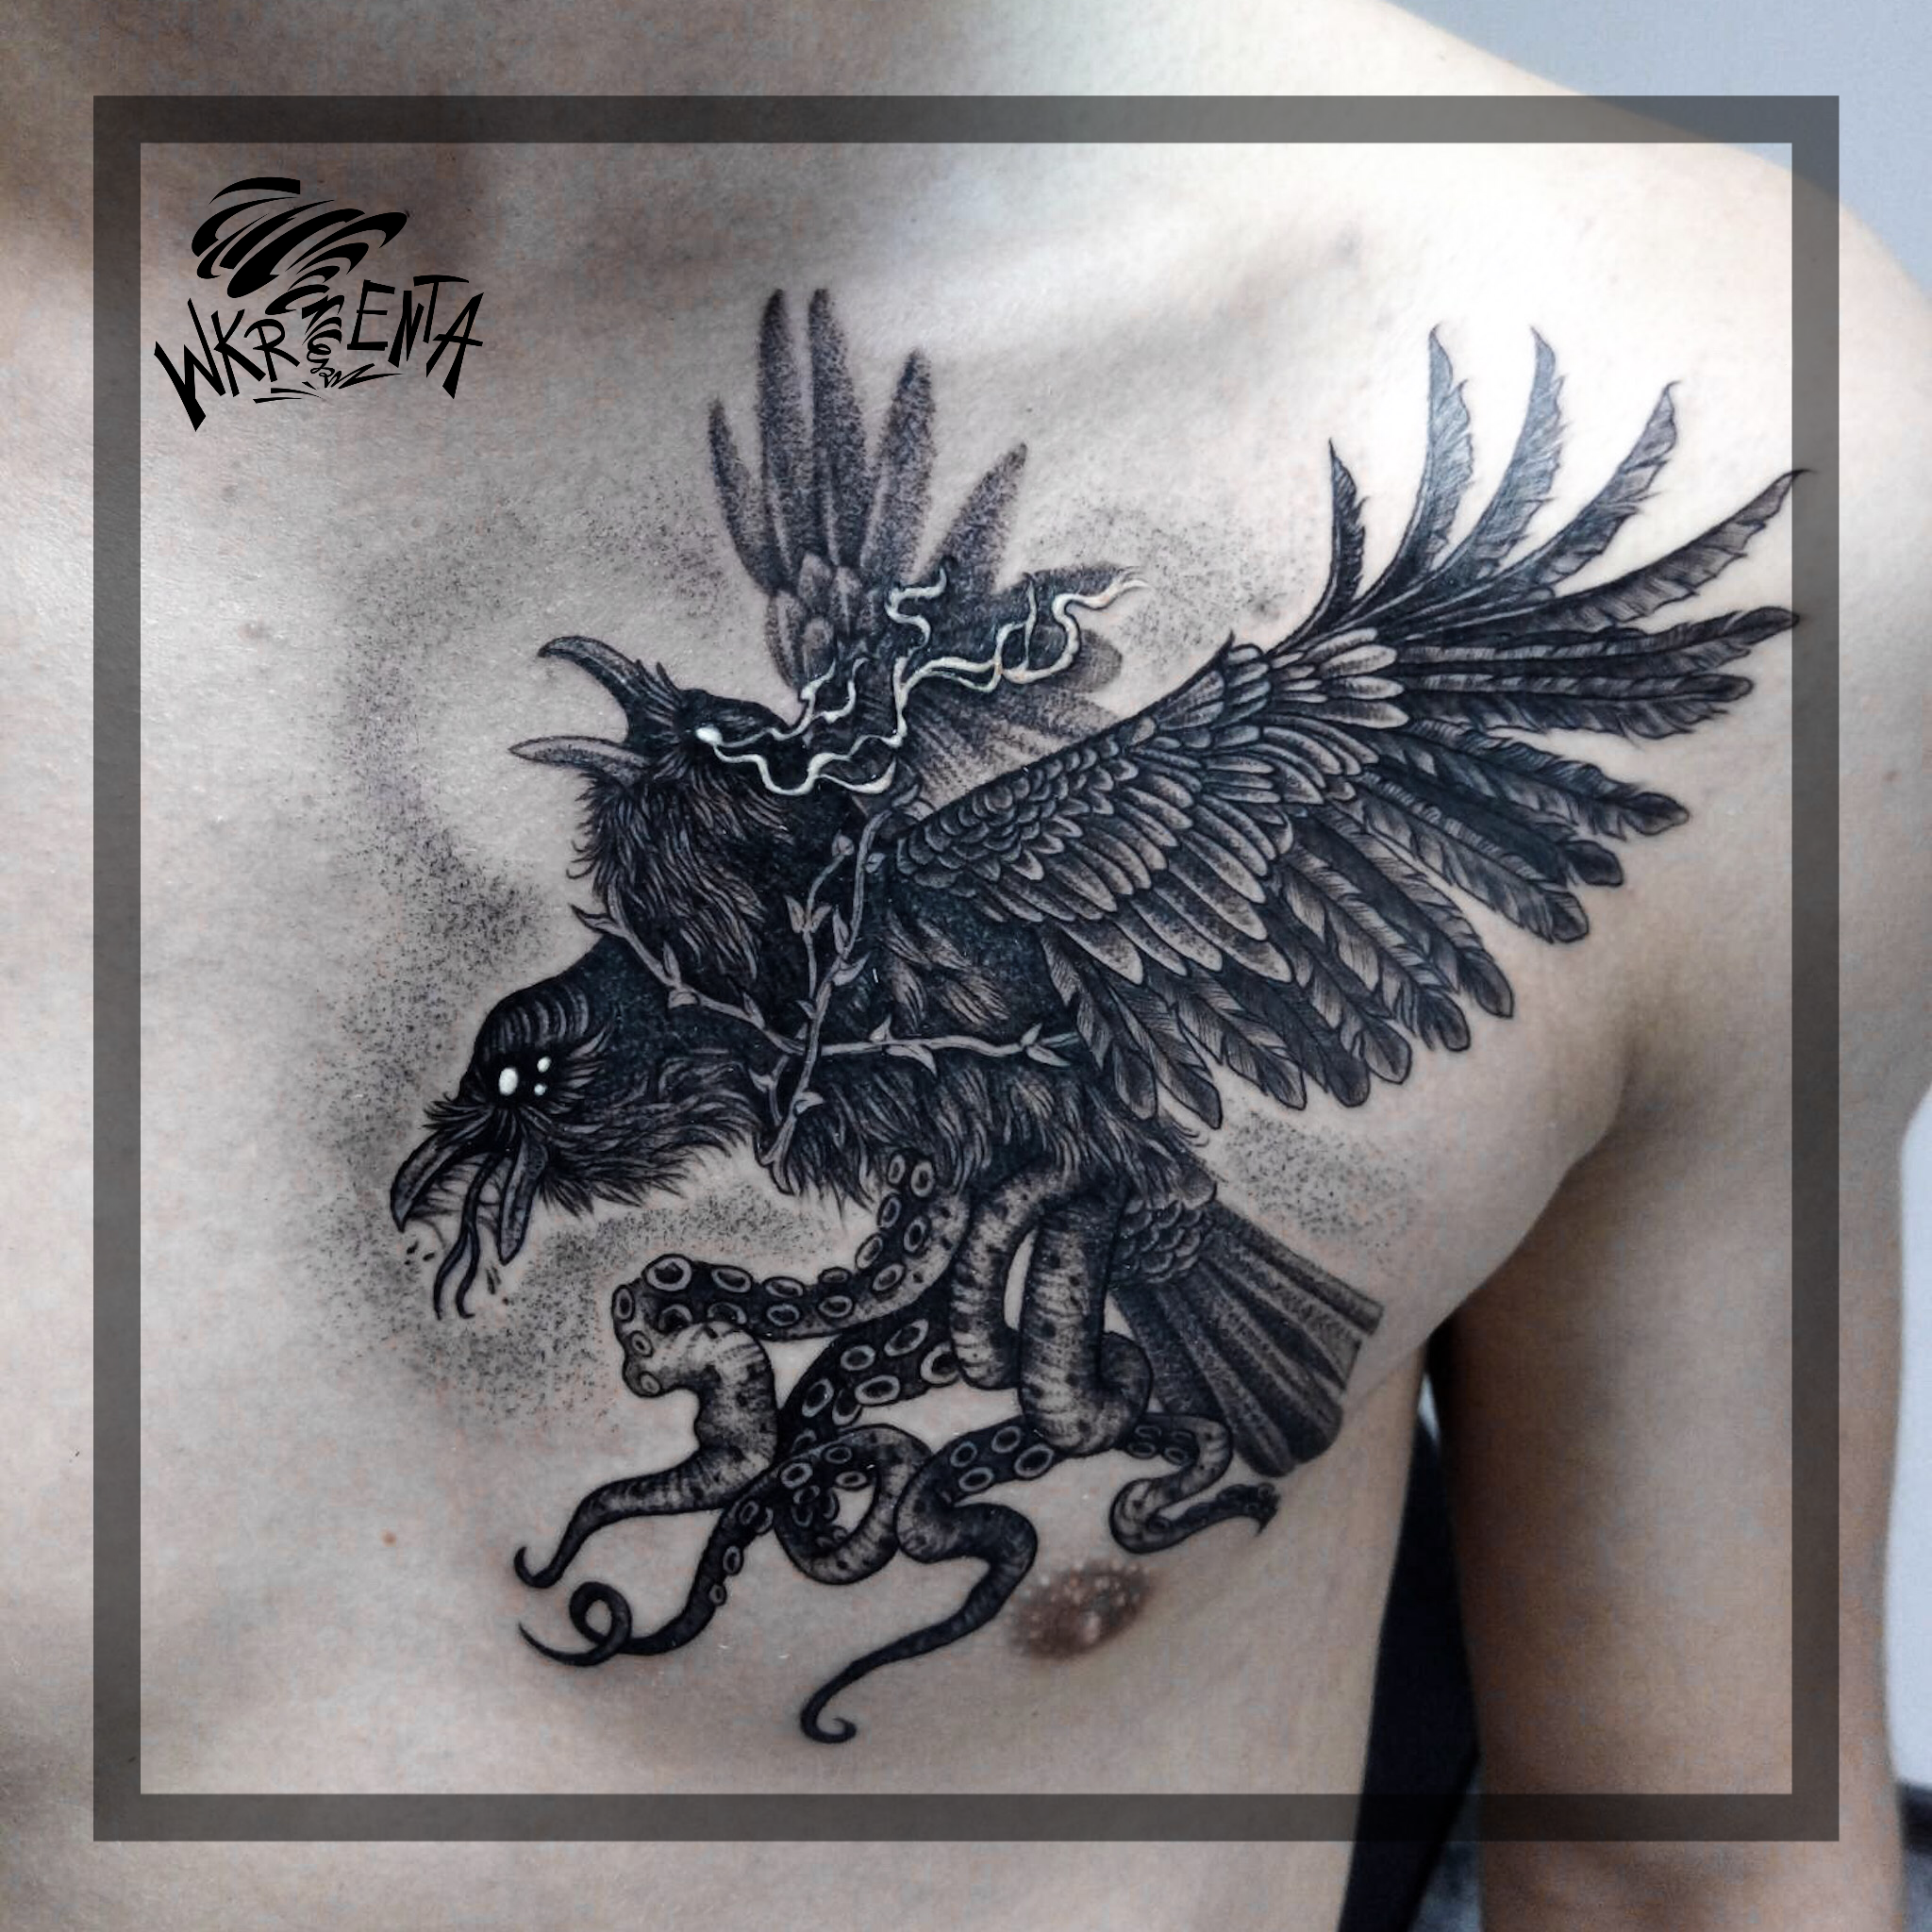 Inksearch tattoo Wkrenta